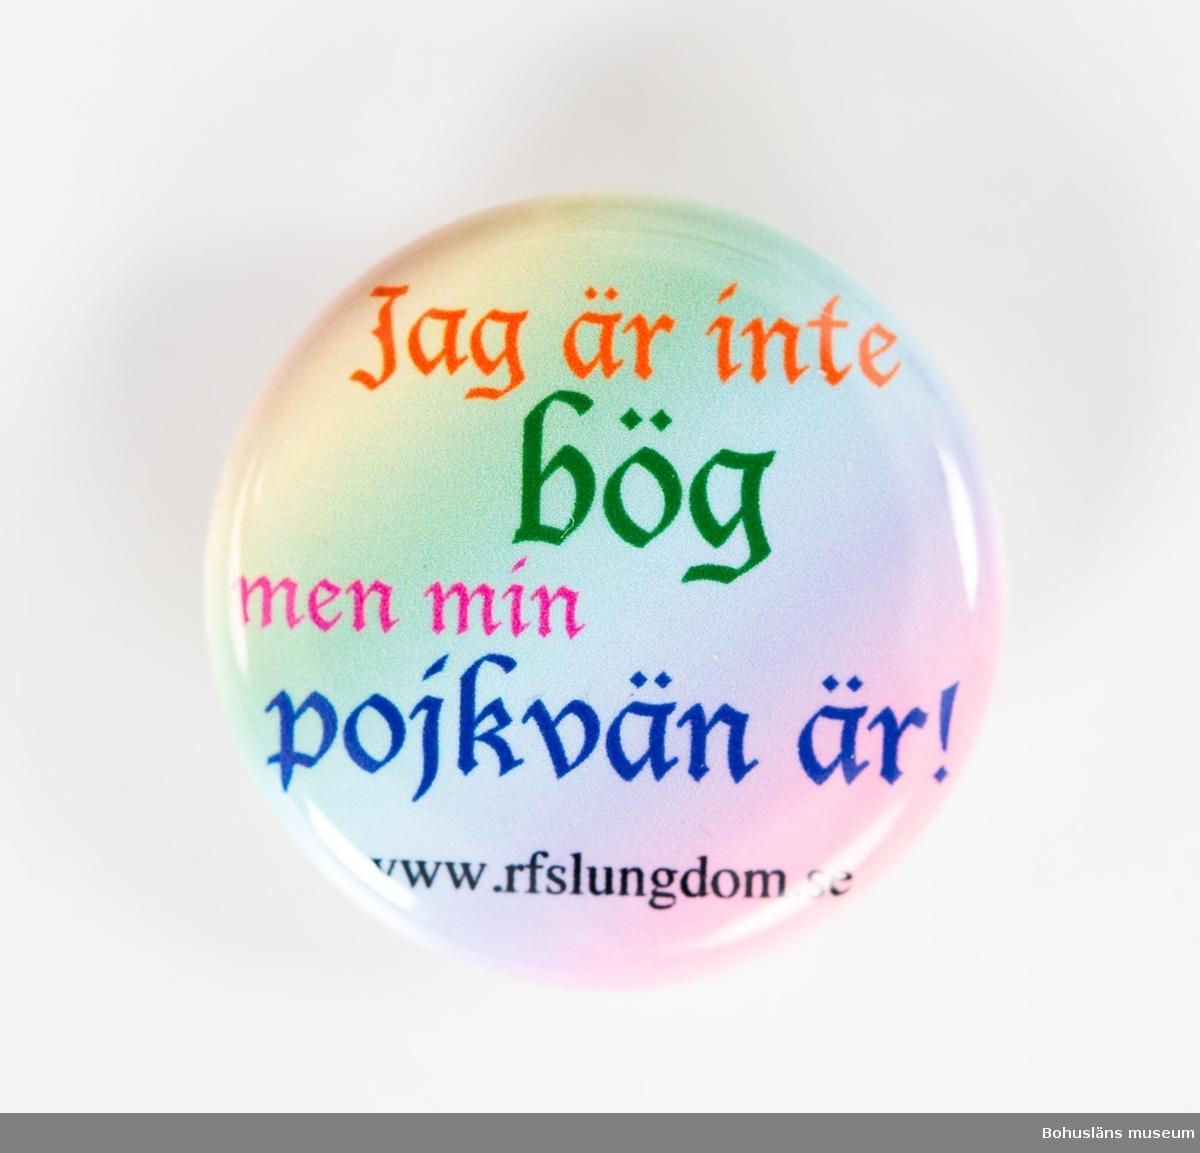 Runt rockmärke med nål för fastsättning på baksidan.  Bakgrund i regnbågsfärgad gul, grön, blå, rosa med text: Jag är inte bög men min pojkvän är! www.rfslungdom.se [RFSL Ungdom - Ungdomsförbundet för HBTQ-personers rättigheter]